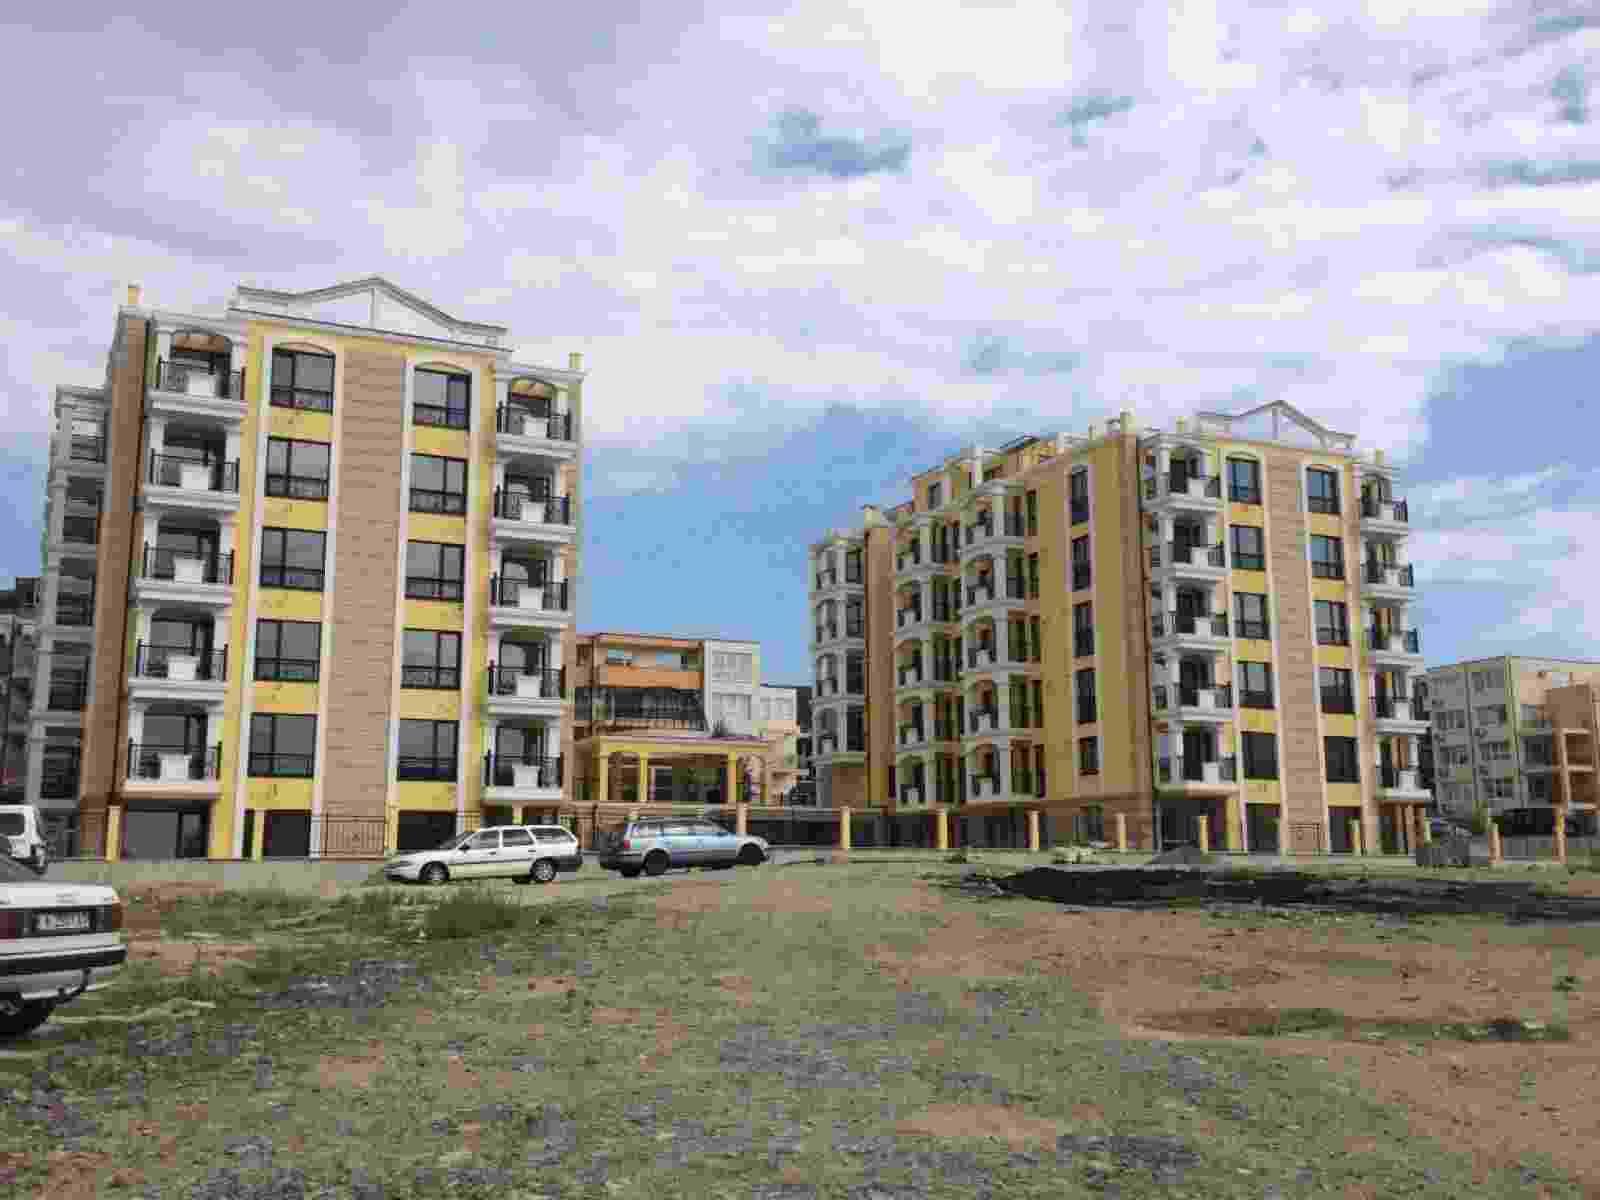 Строящийся жилой комплекс в 300 метрах от моря и 800 метрах от центра города.. Фото